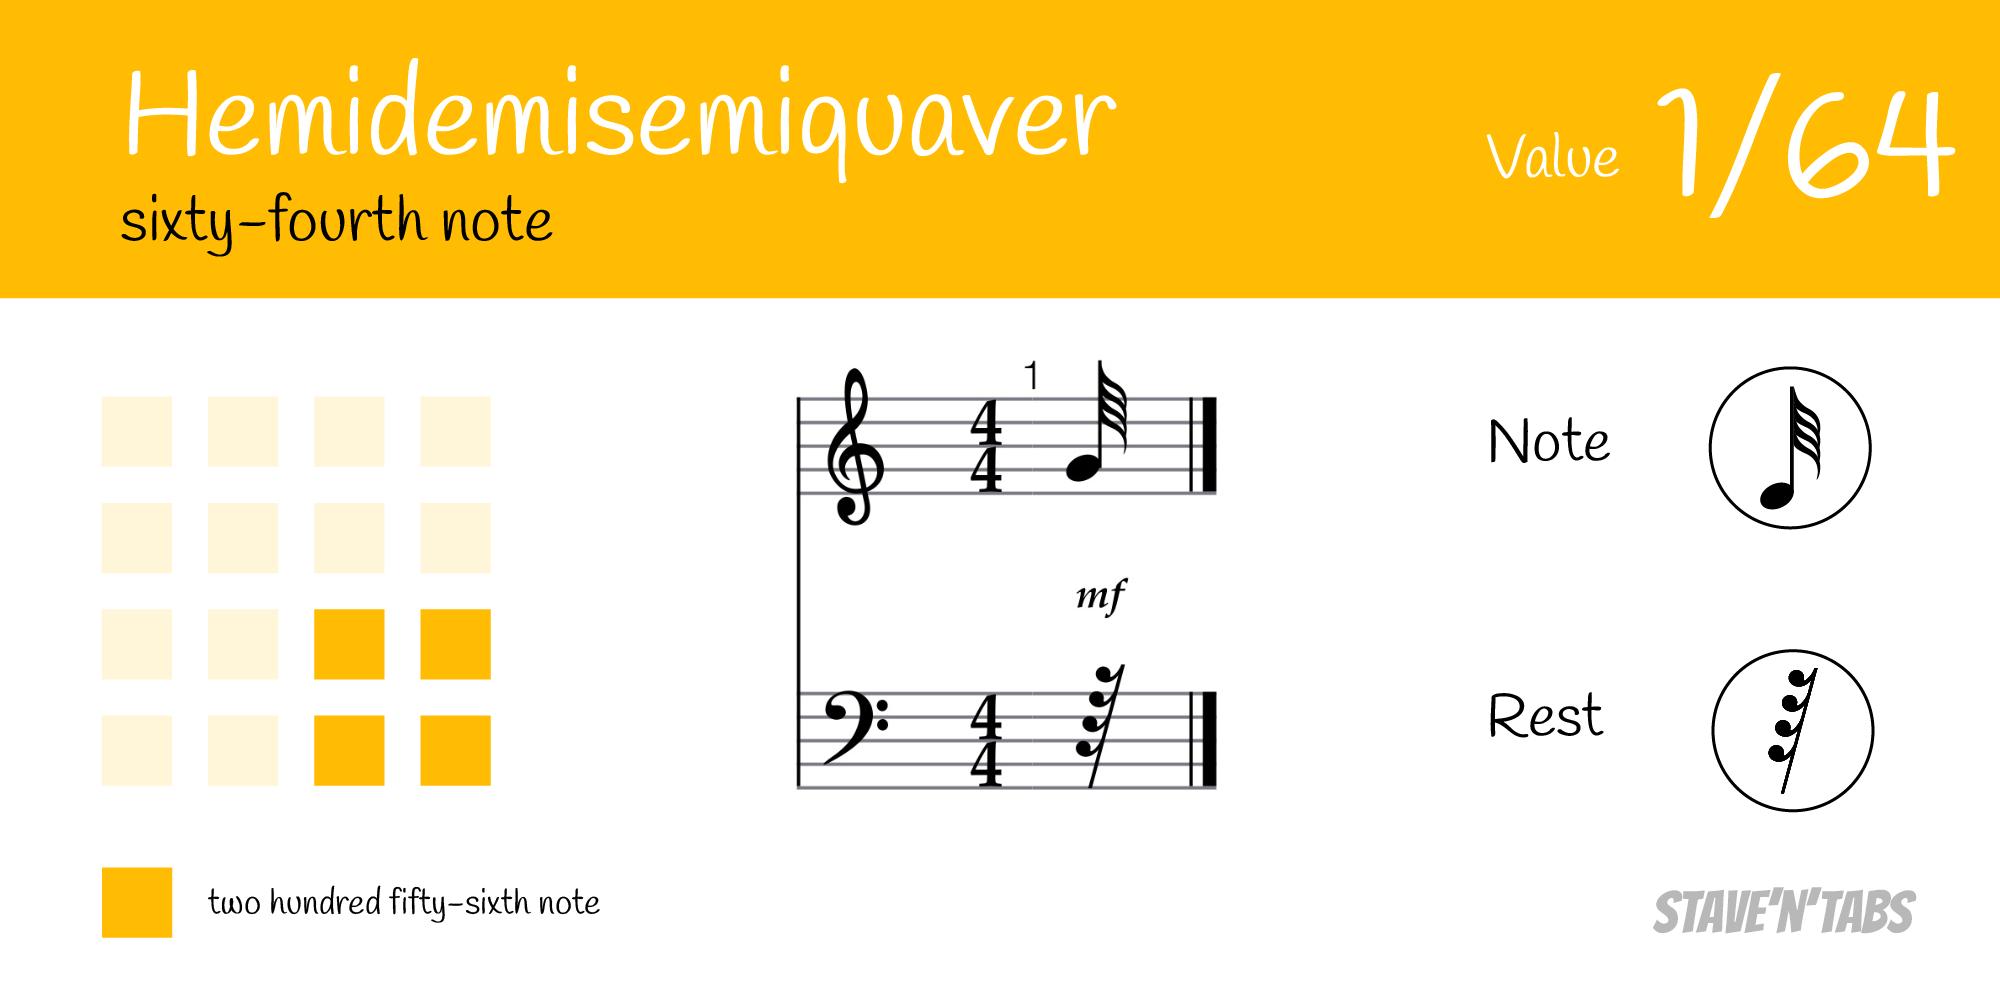 Hemidemisemiquaver - Sixty-fourth note (1/64)